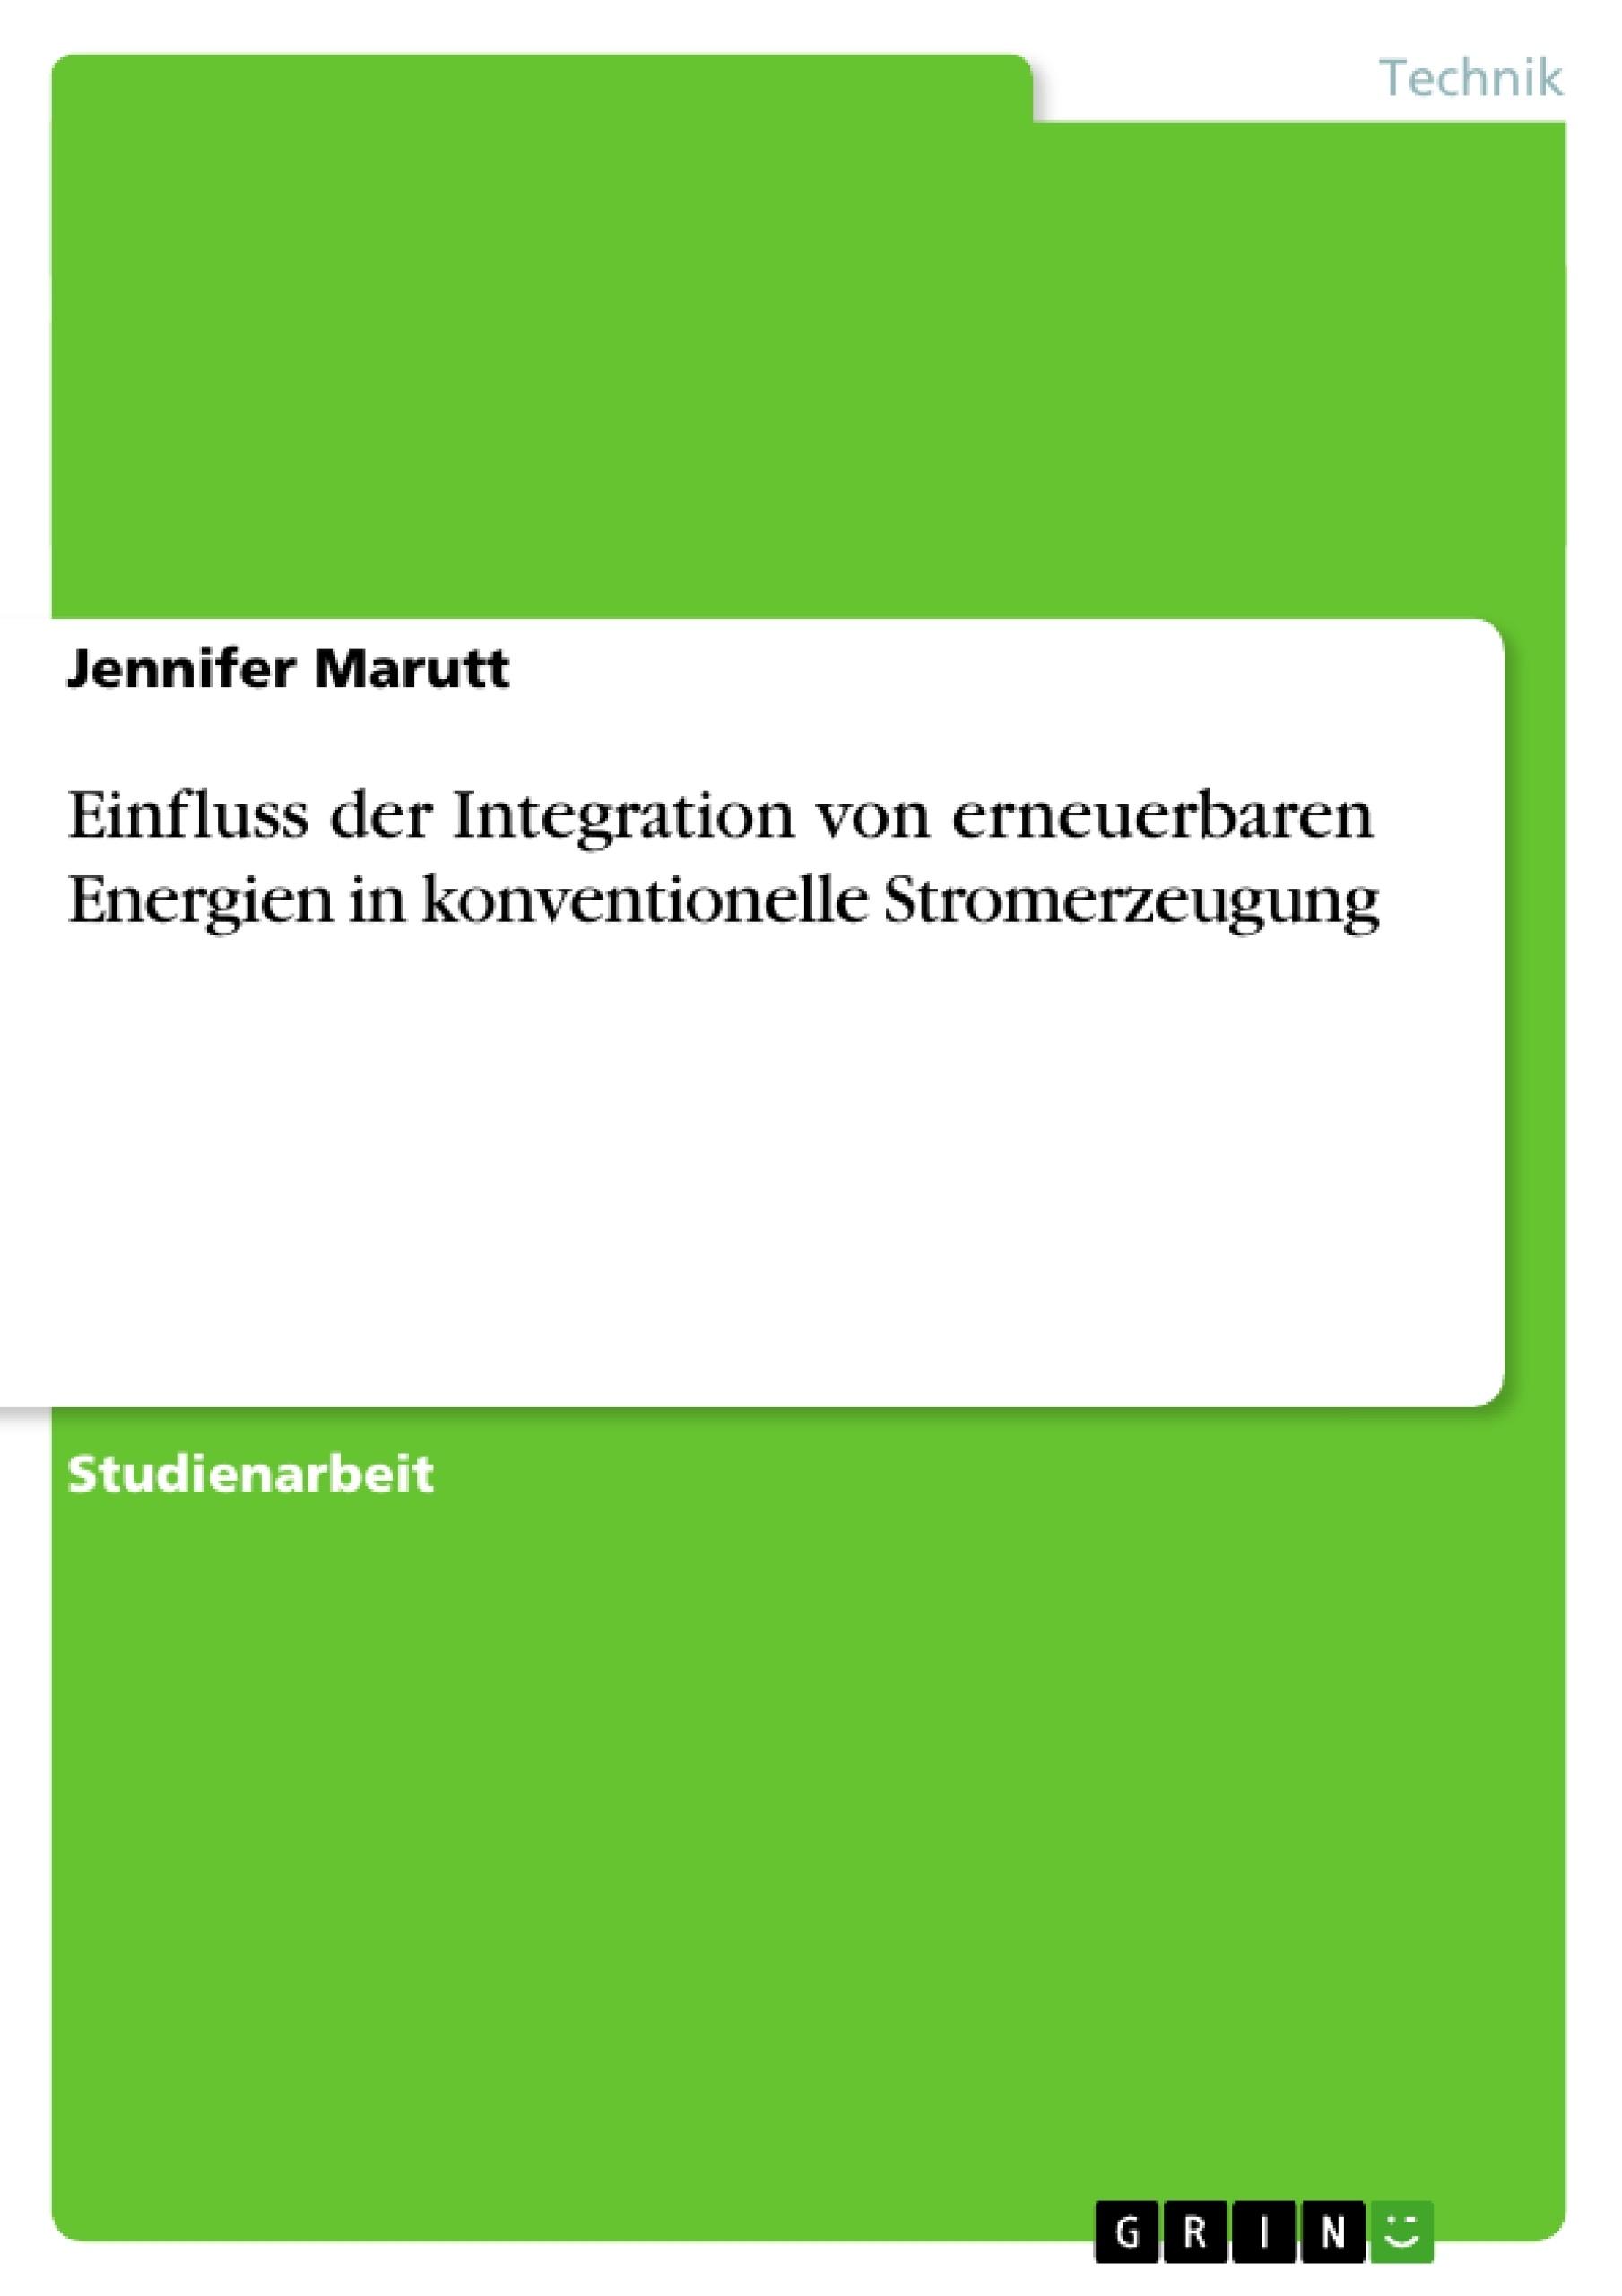 Titel: Einfluss der Integration von erneuerbaren Energien in konventionelle Stromerzeugung